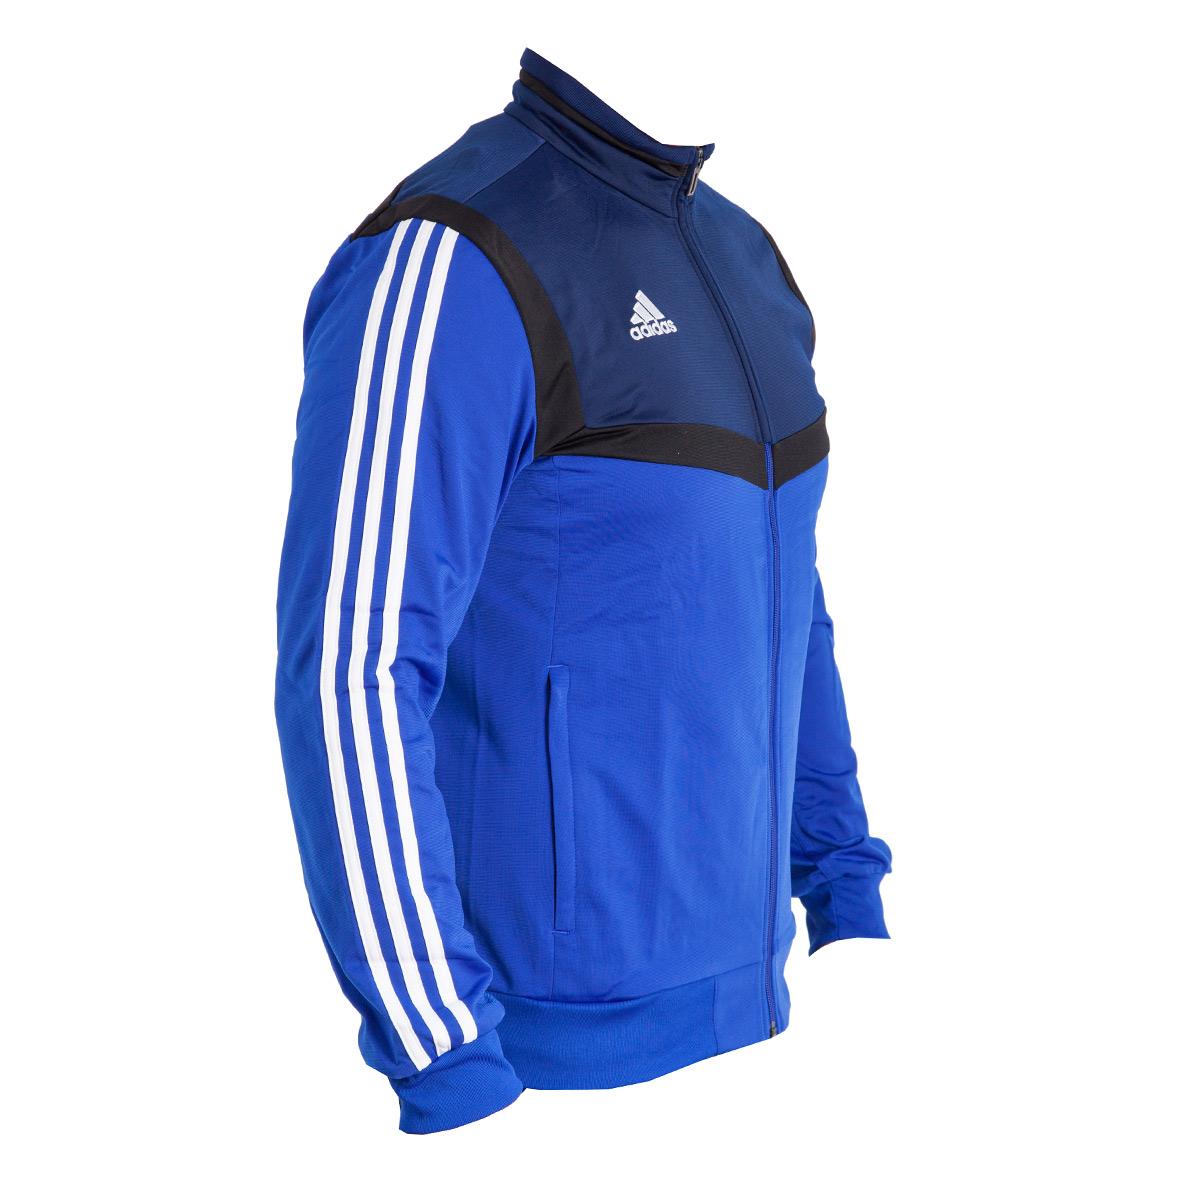 7e9a64f7fd6 Adidas Мъжки спортен екип TIRO 19 POLY SUIT - DT5784+DT5174, Мъже ...